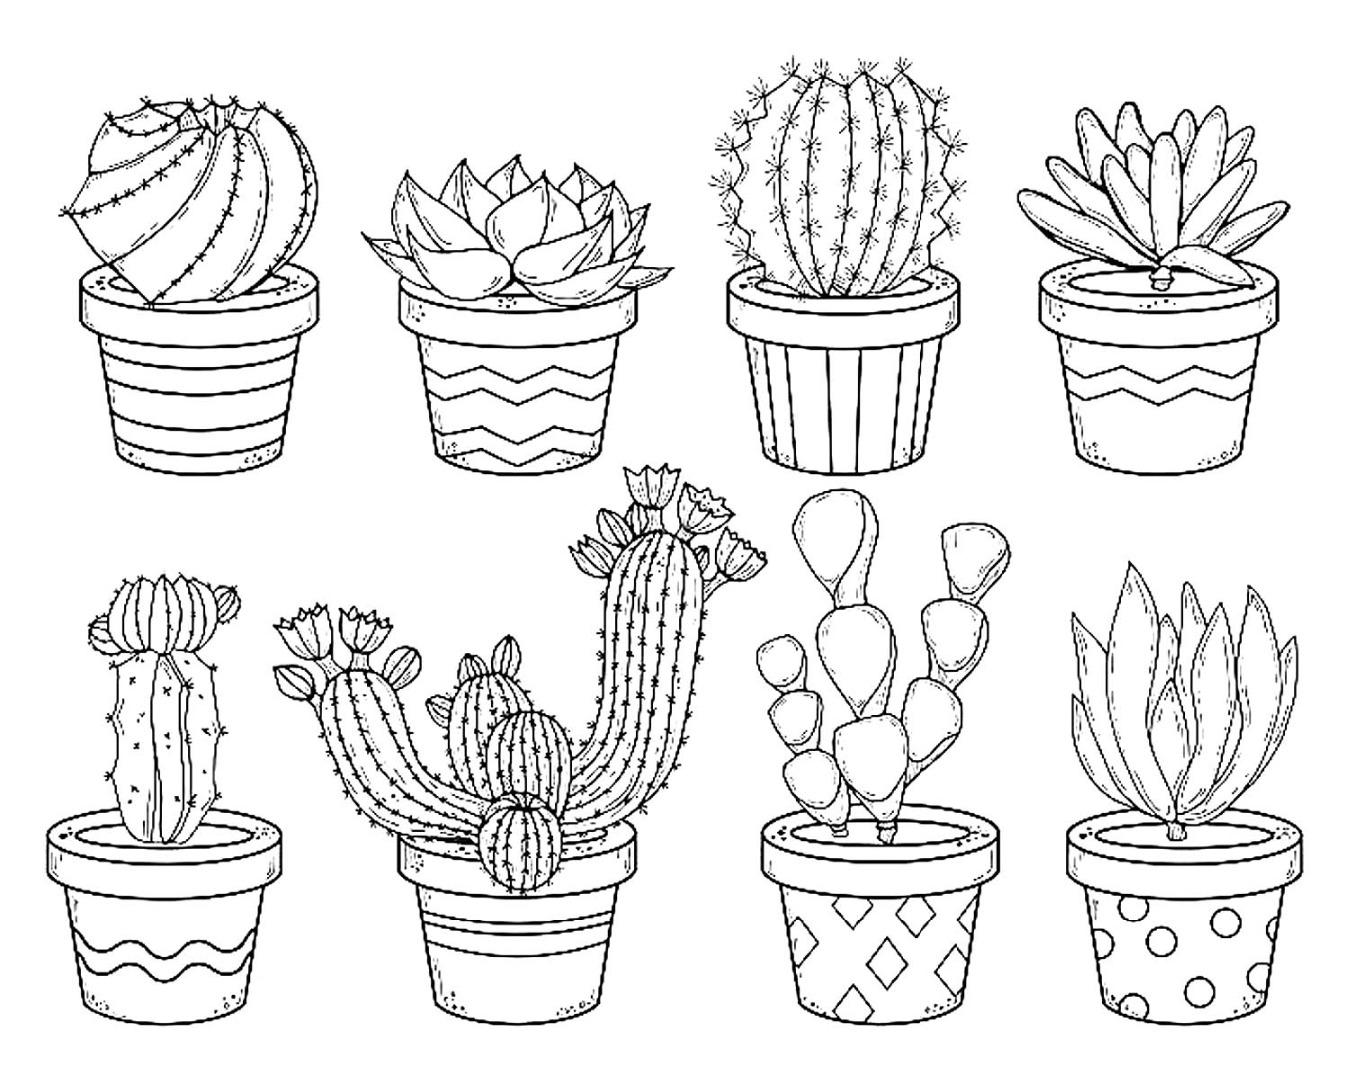 милые картинки кактусов черно белые выбыл